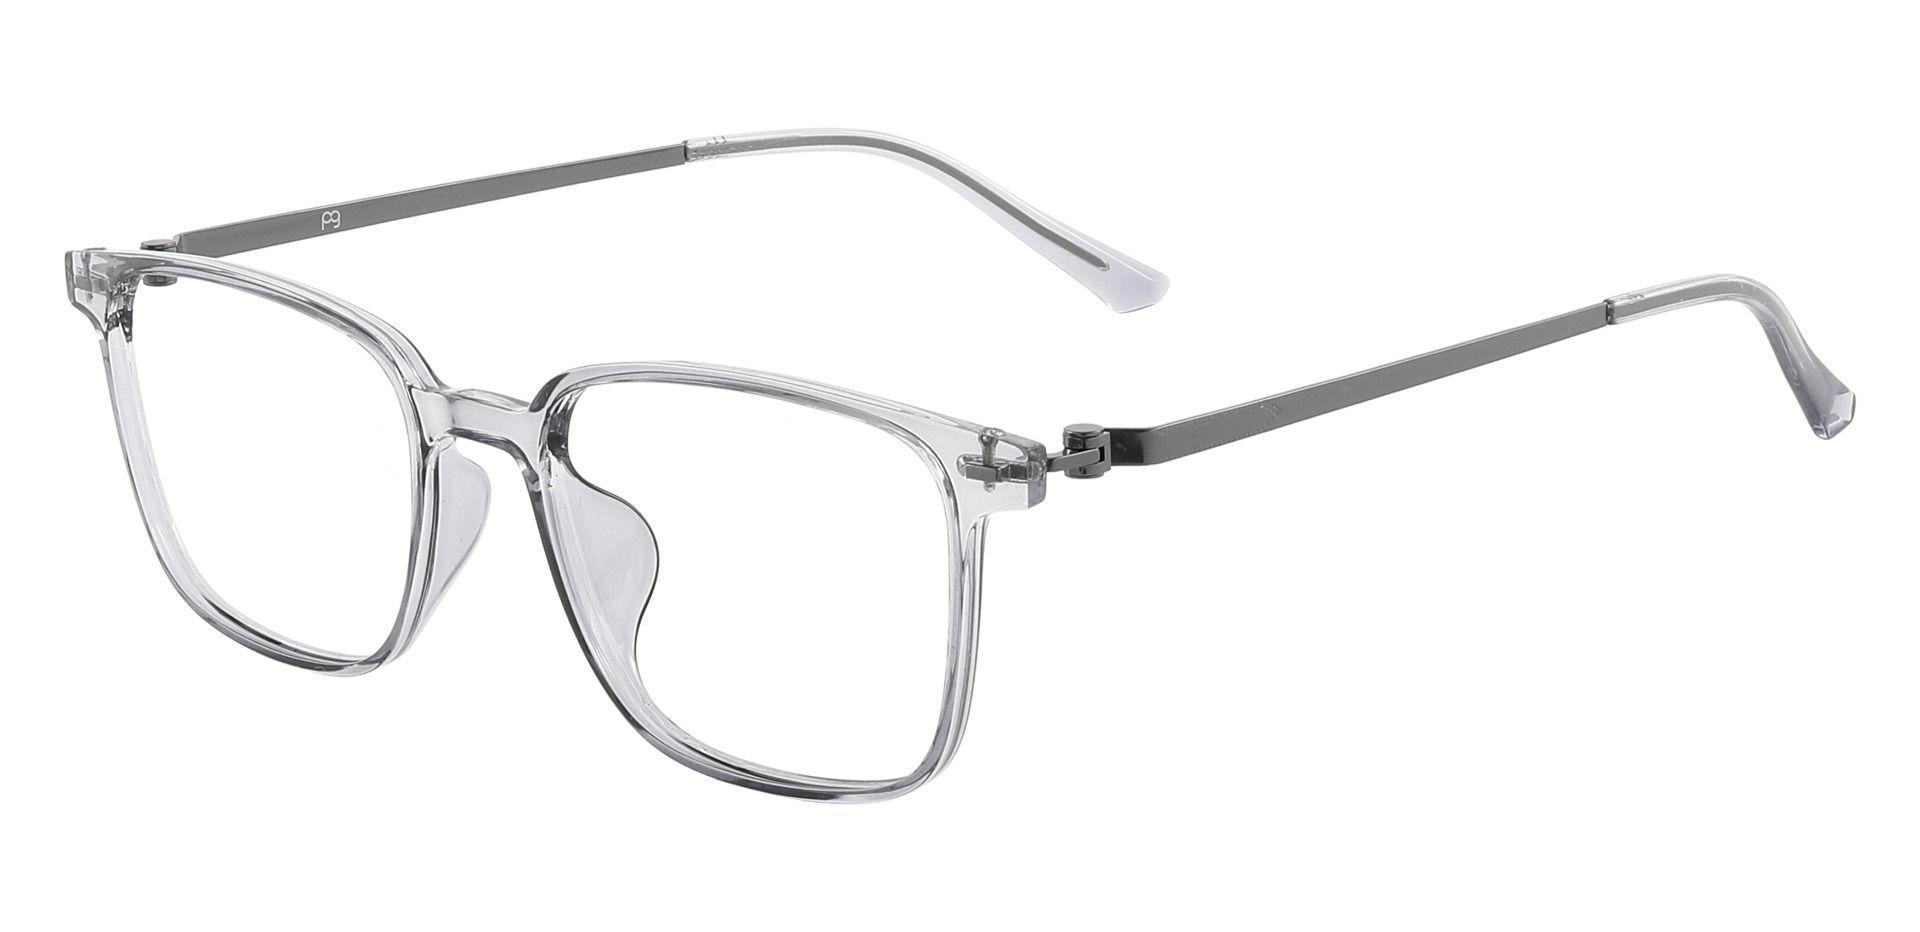 Luz Square Prescription Glasses - Gray